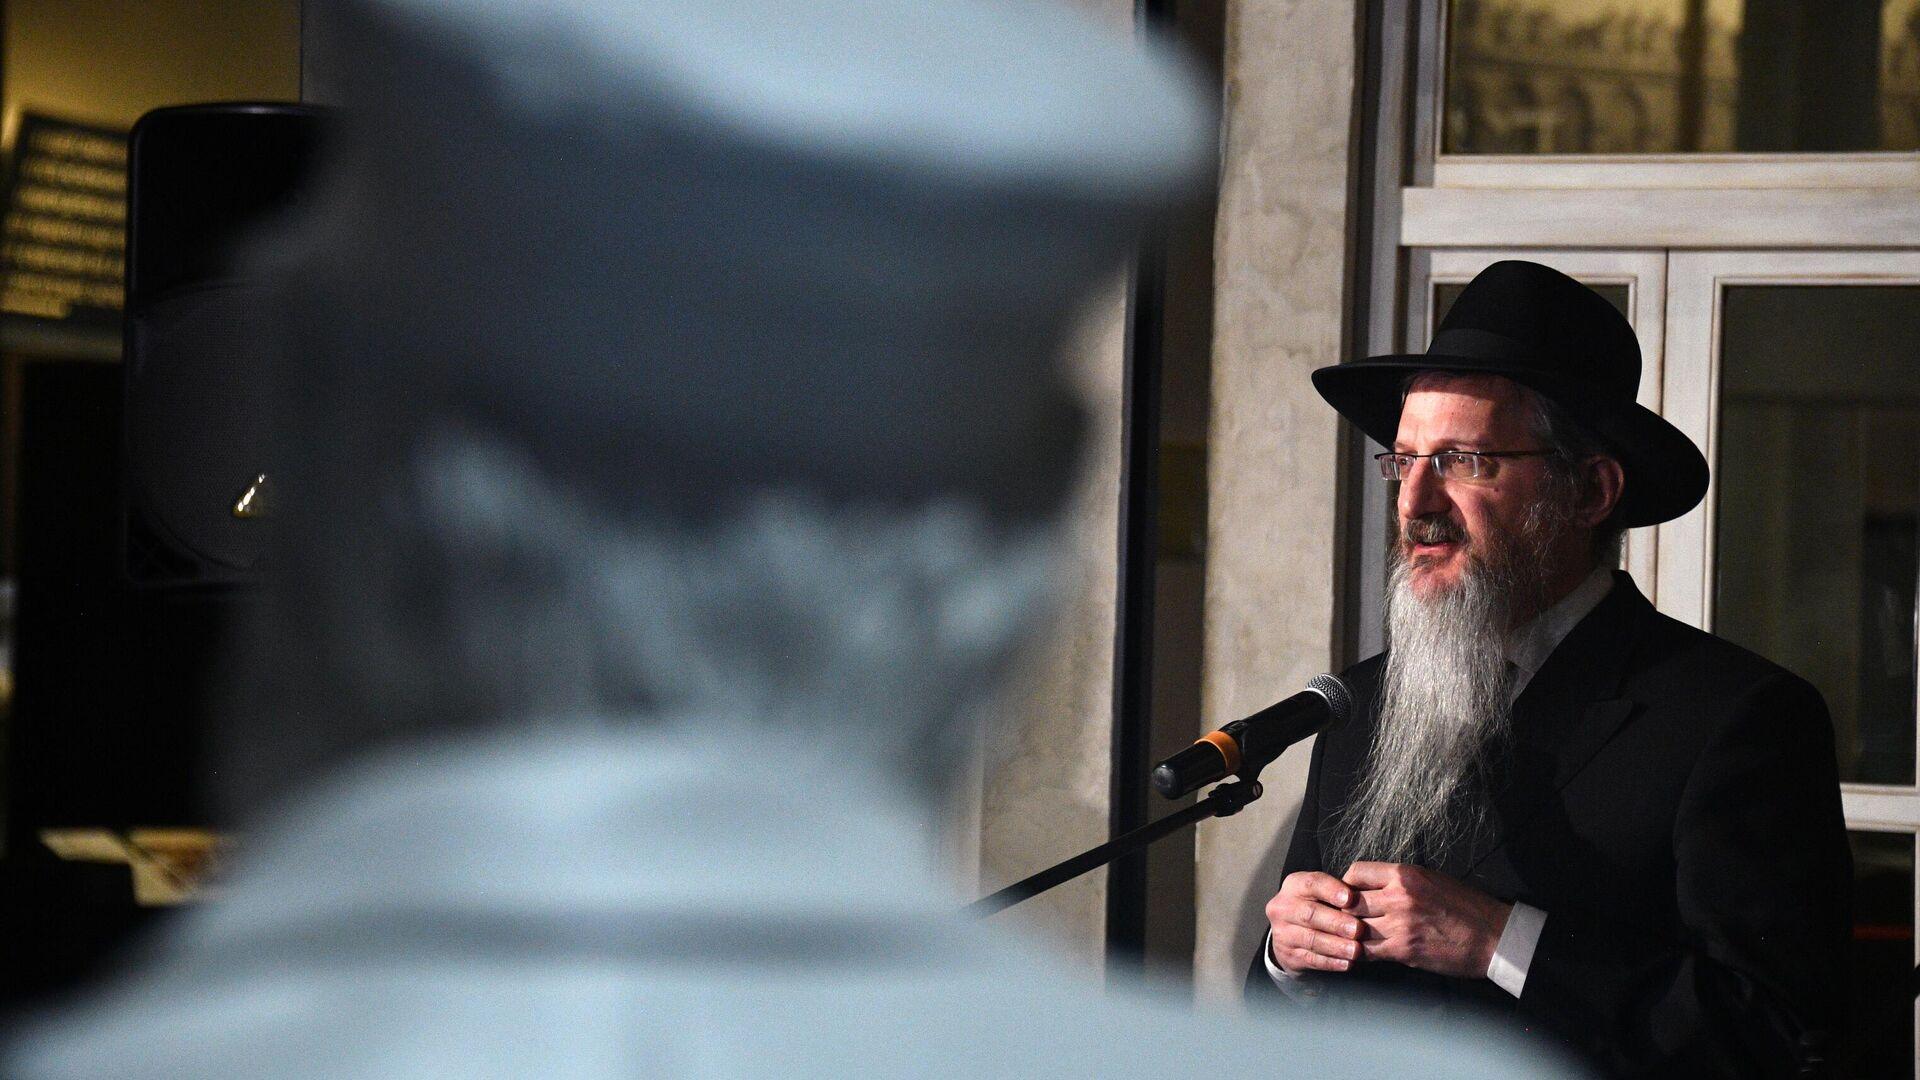 Главный раввин России Берл Лазар выступает в Еврейском музее и центре толерантности - РИА Новости, 1920, 15.09.2021